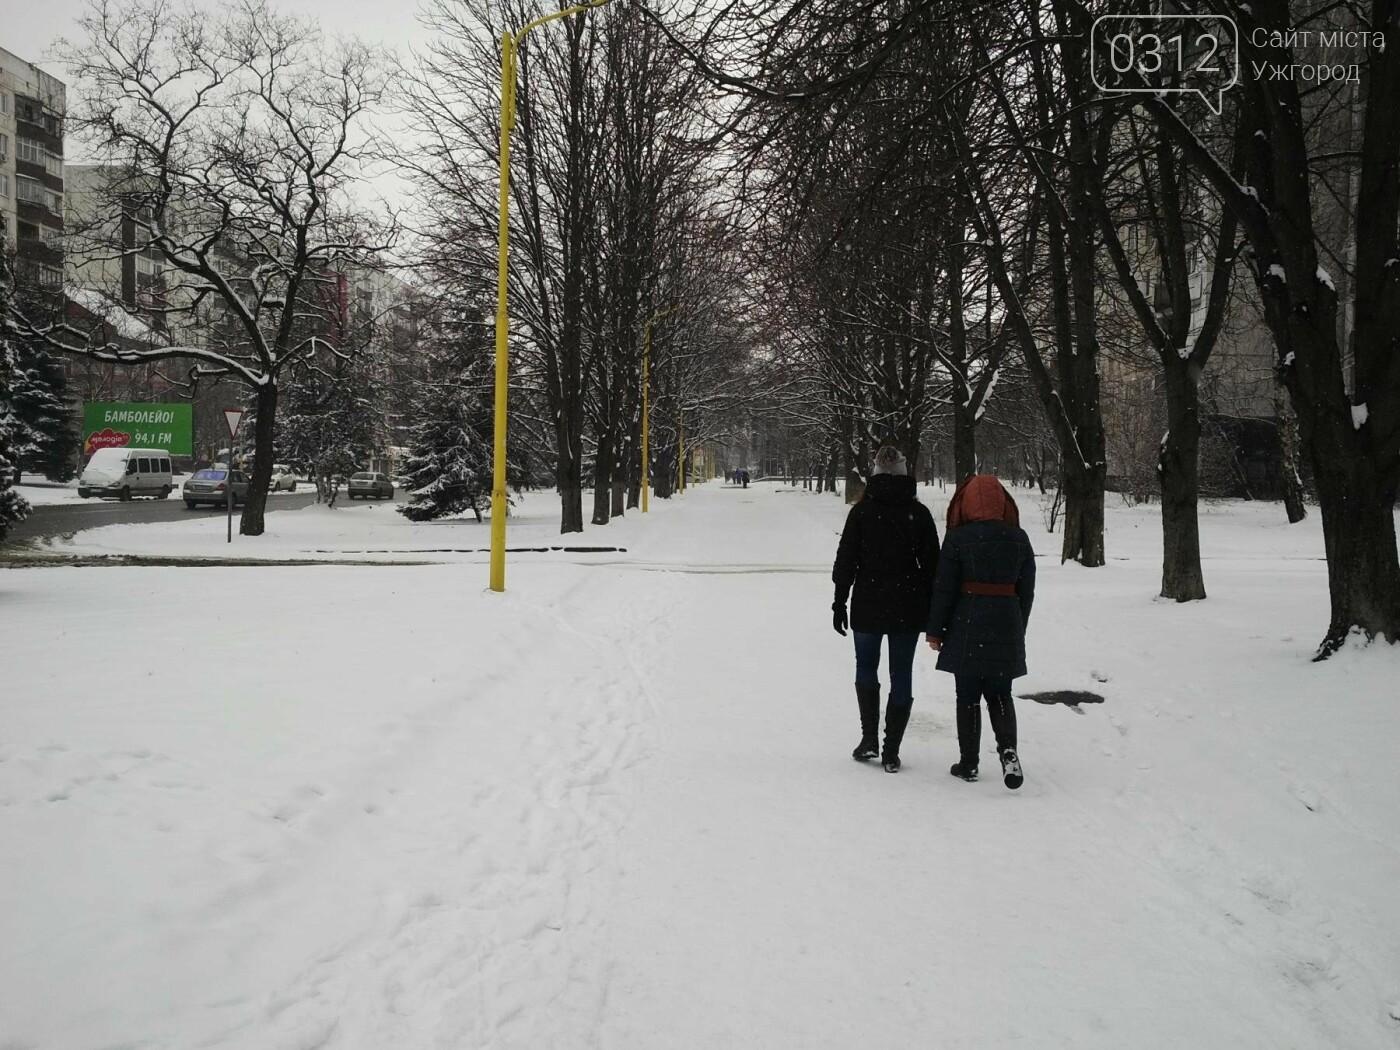 Ужгород - наодинці зі снігом: тротуари не розчищені та непідсипані, у двори не ступала нога комунальника (ФОТОРЕПОРТАЖ), фото-8